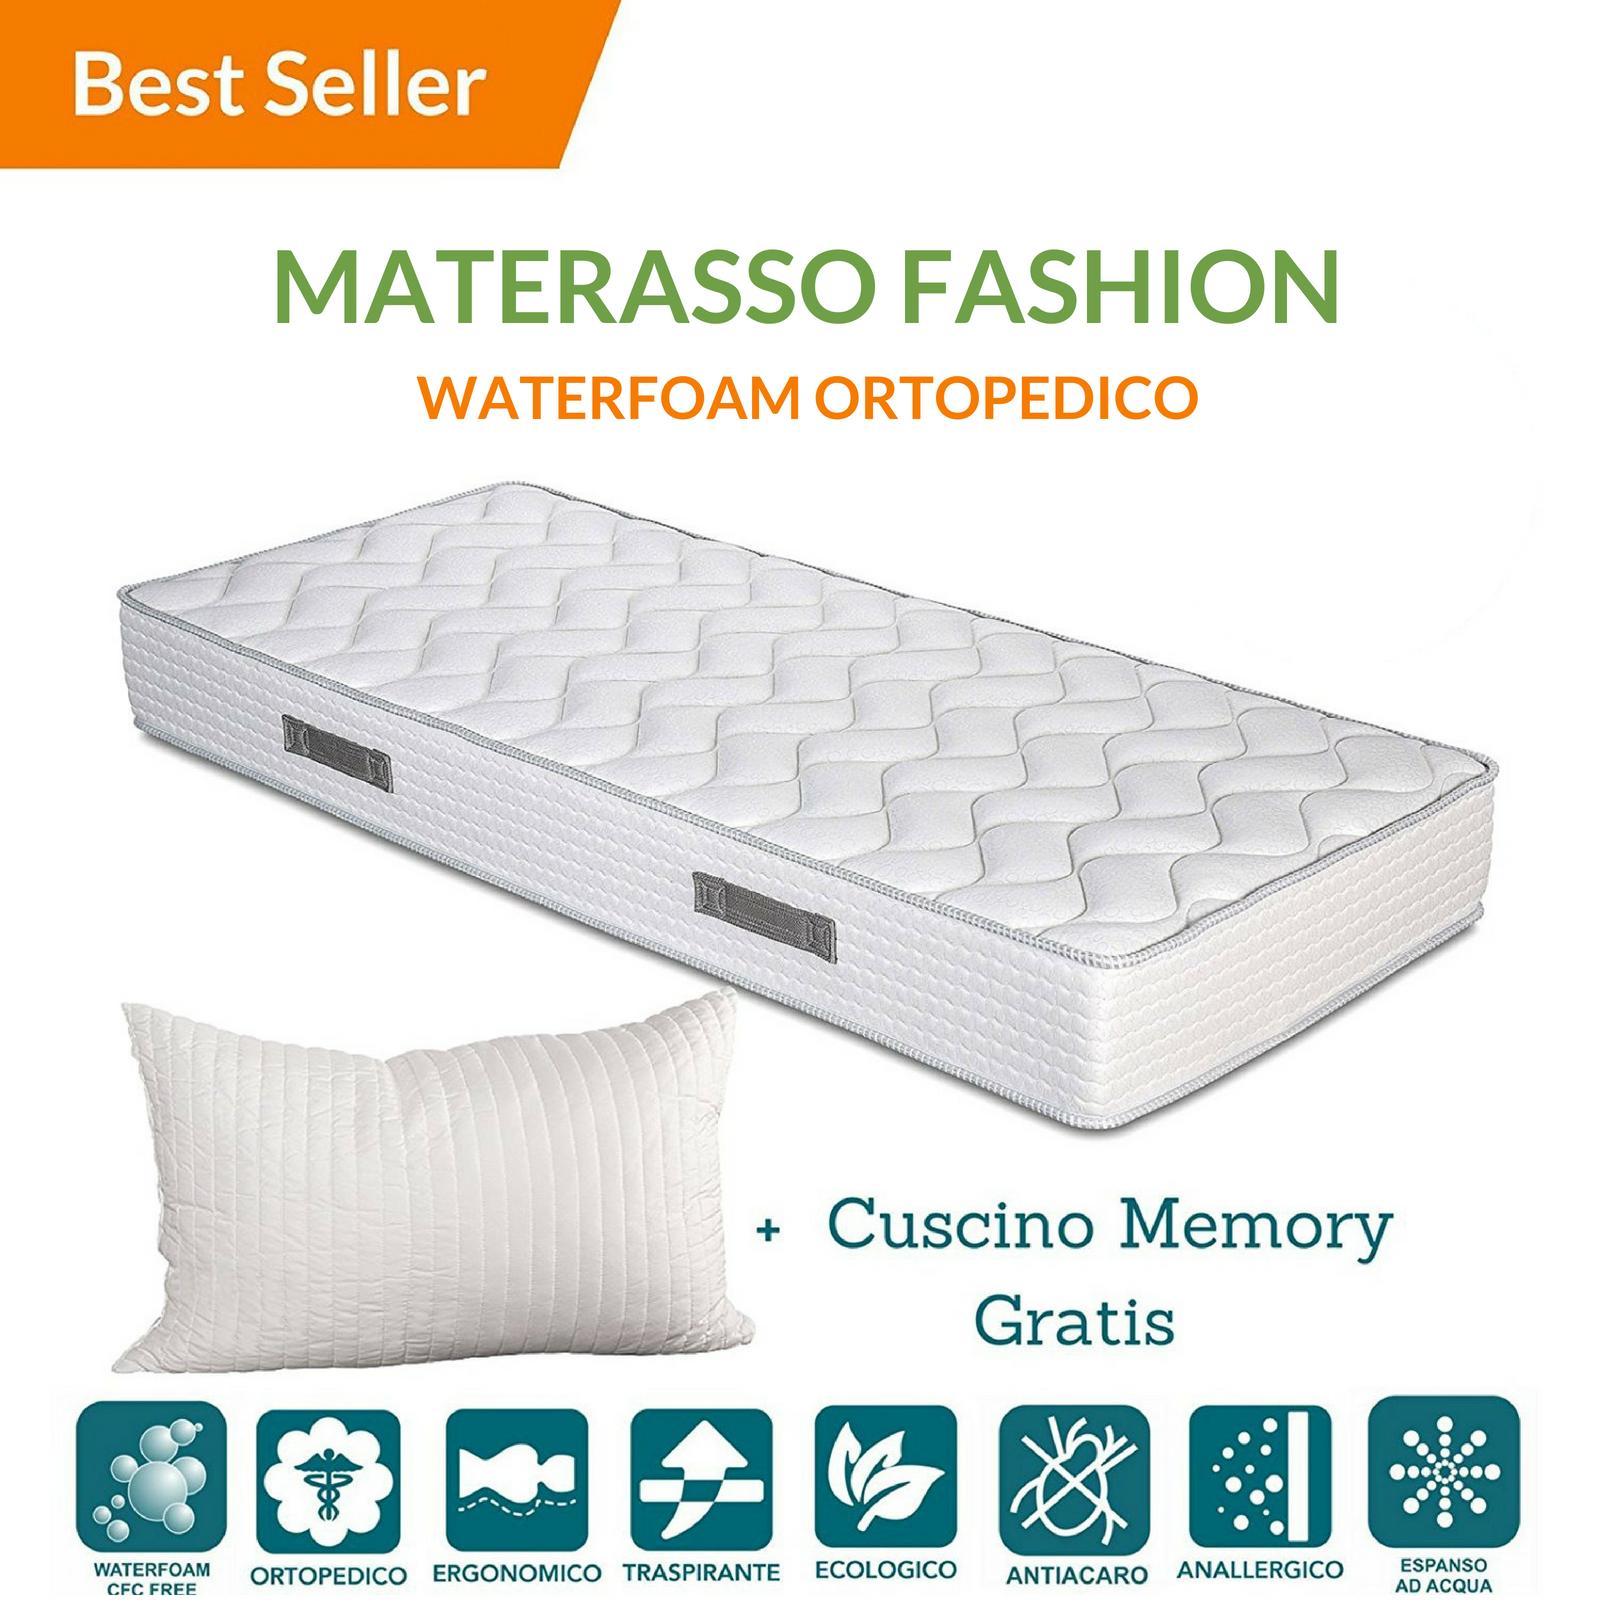 Materasso Ergonomico O Ortopedico.Materasso Waterfoam Fashion 2 0 Evergreenweb